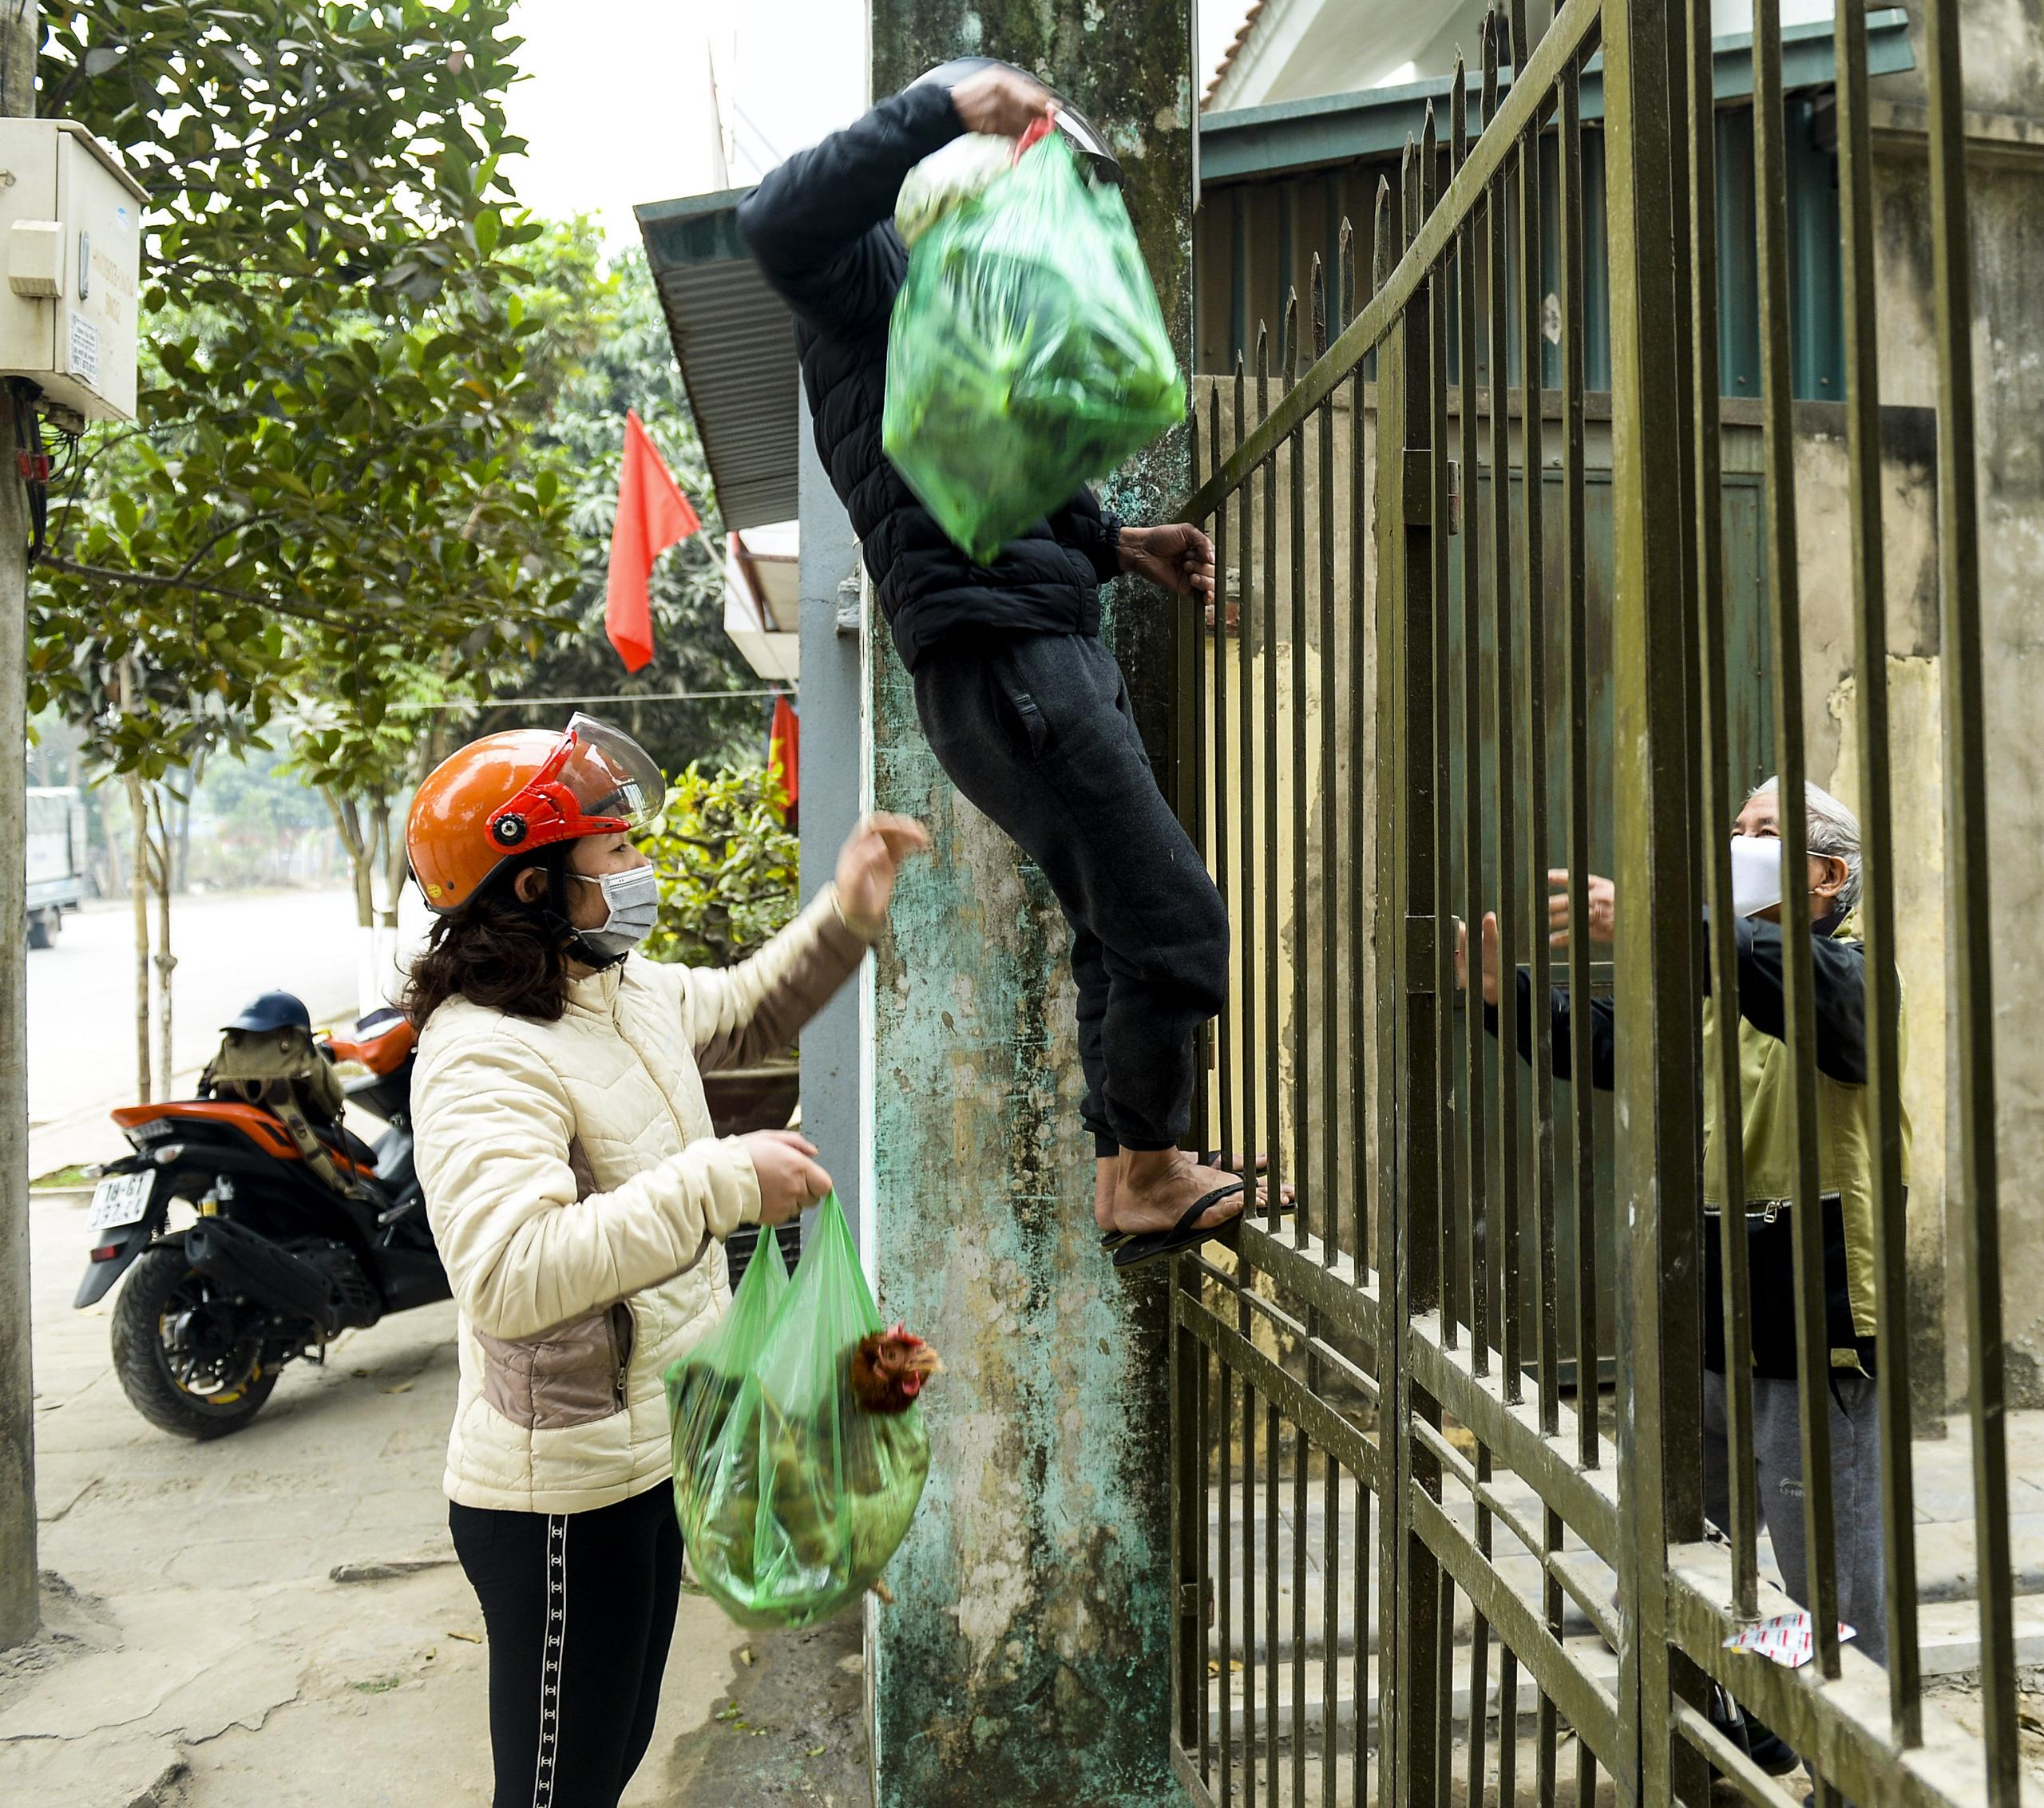 Hà Nội: Một gia đình dùng xe bán tải tiếp tế đồ cho người thân đang bị cách ly ở Đông Anh - Ảnh 7.